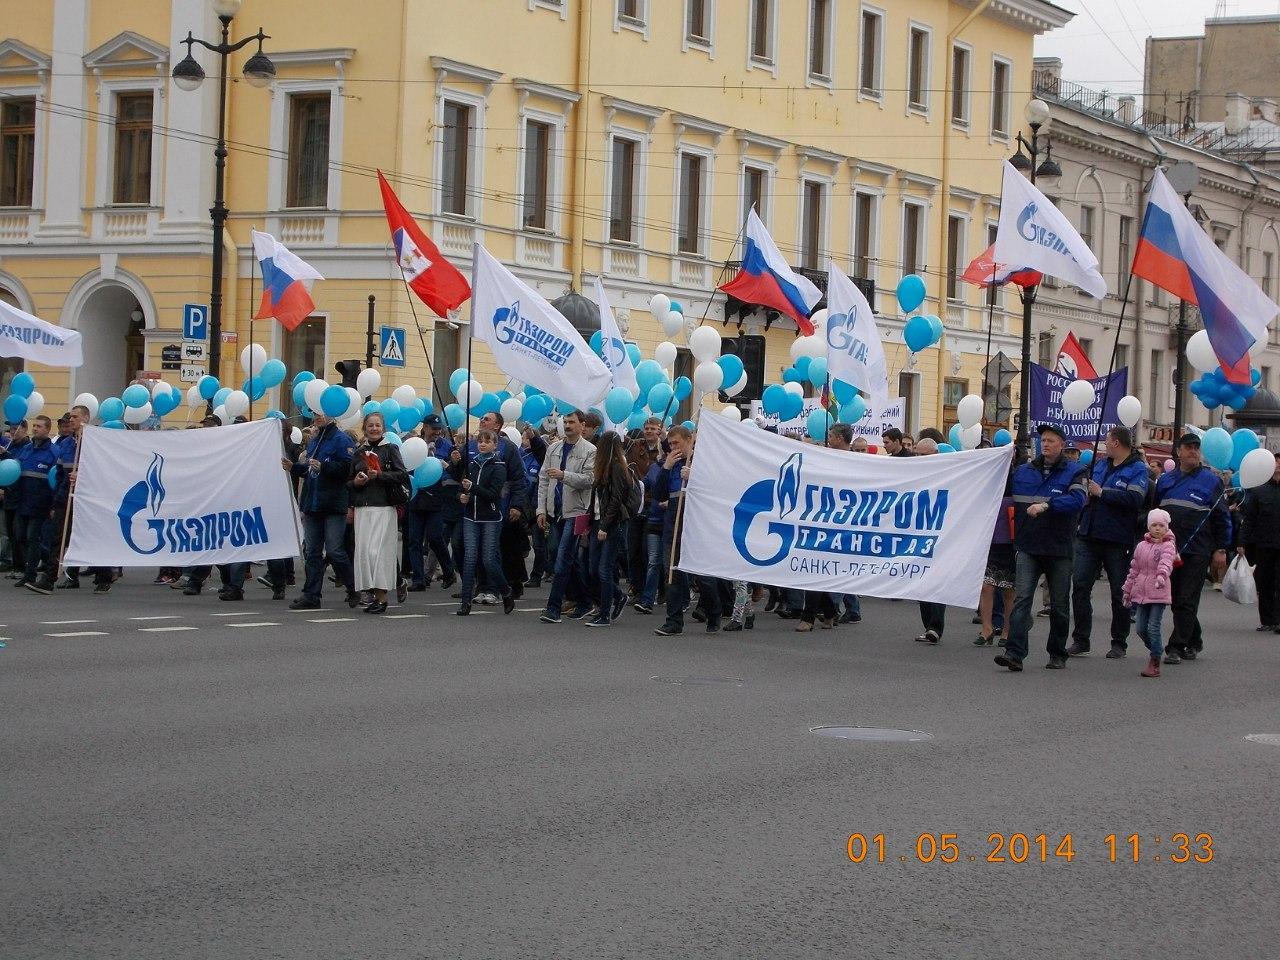 Центр физкультуры Фрунзенского района. Газпром. Первомайская демонстрация солидарности трудящихся.